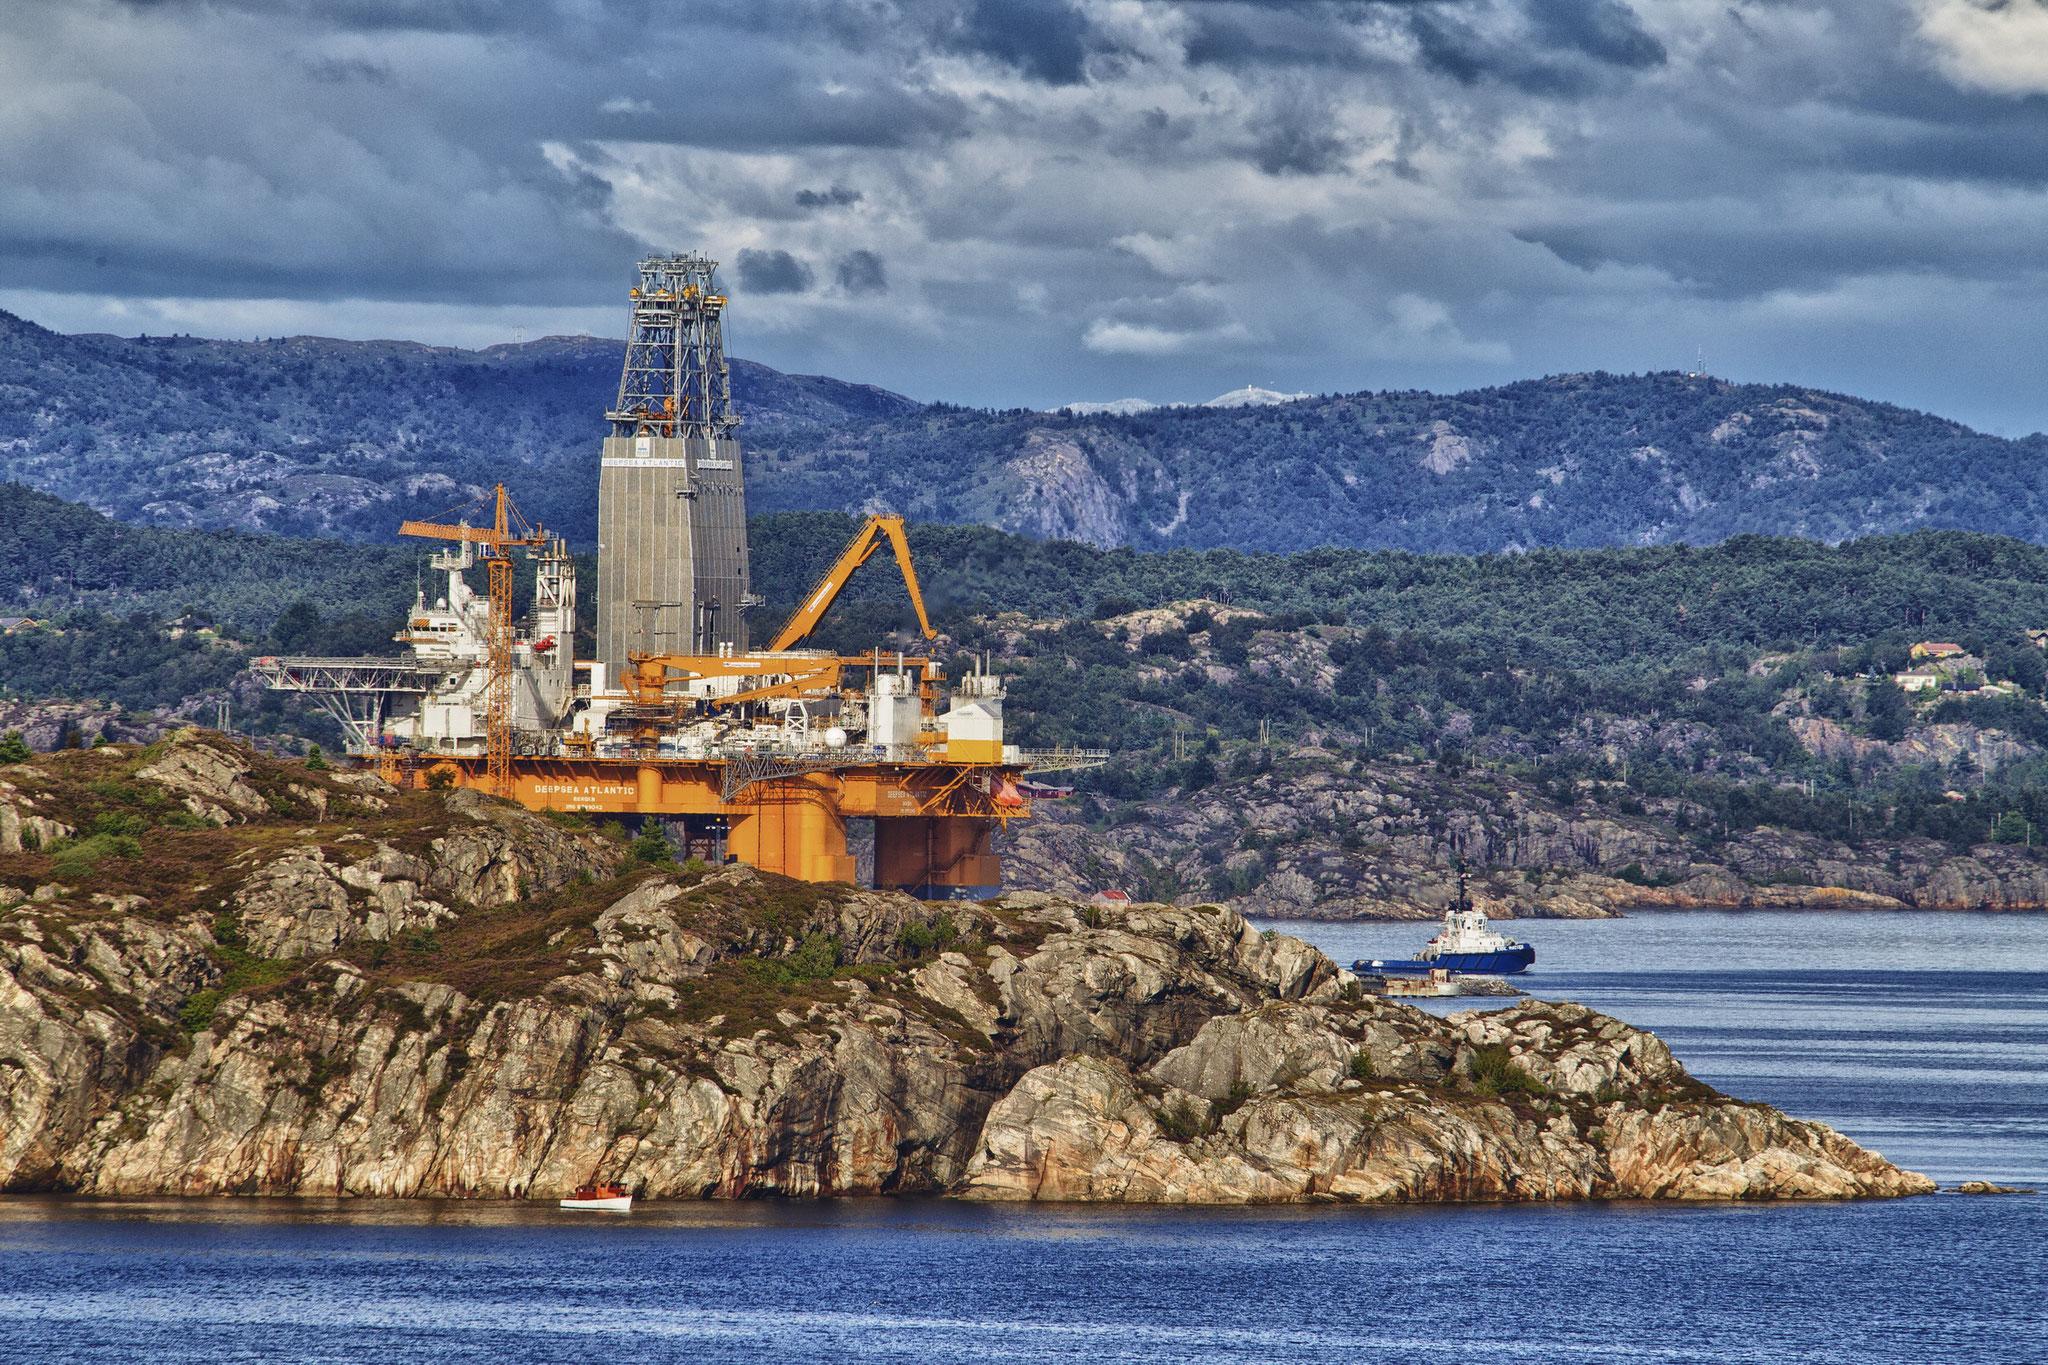 © Hans G. Lehmann | Die Bohrinsel Deepsea Atlantic vor Bergen, Norwegen